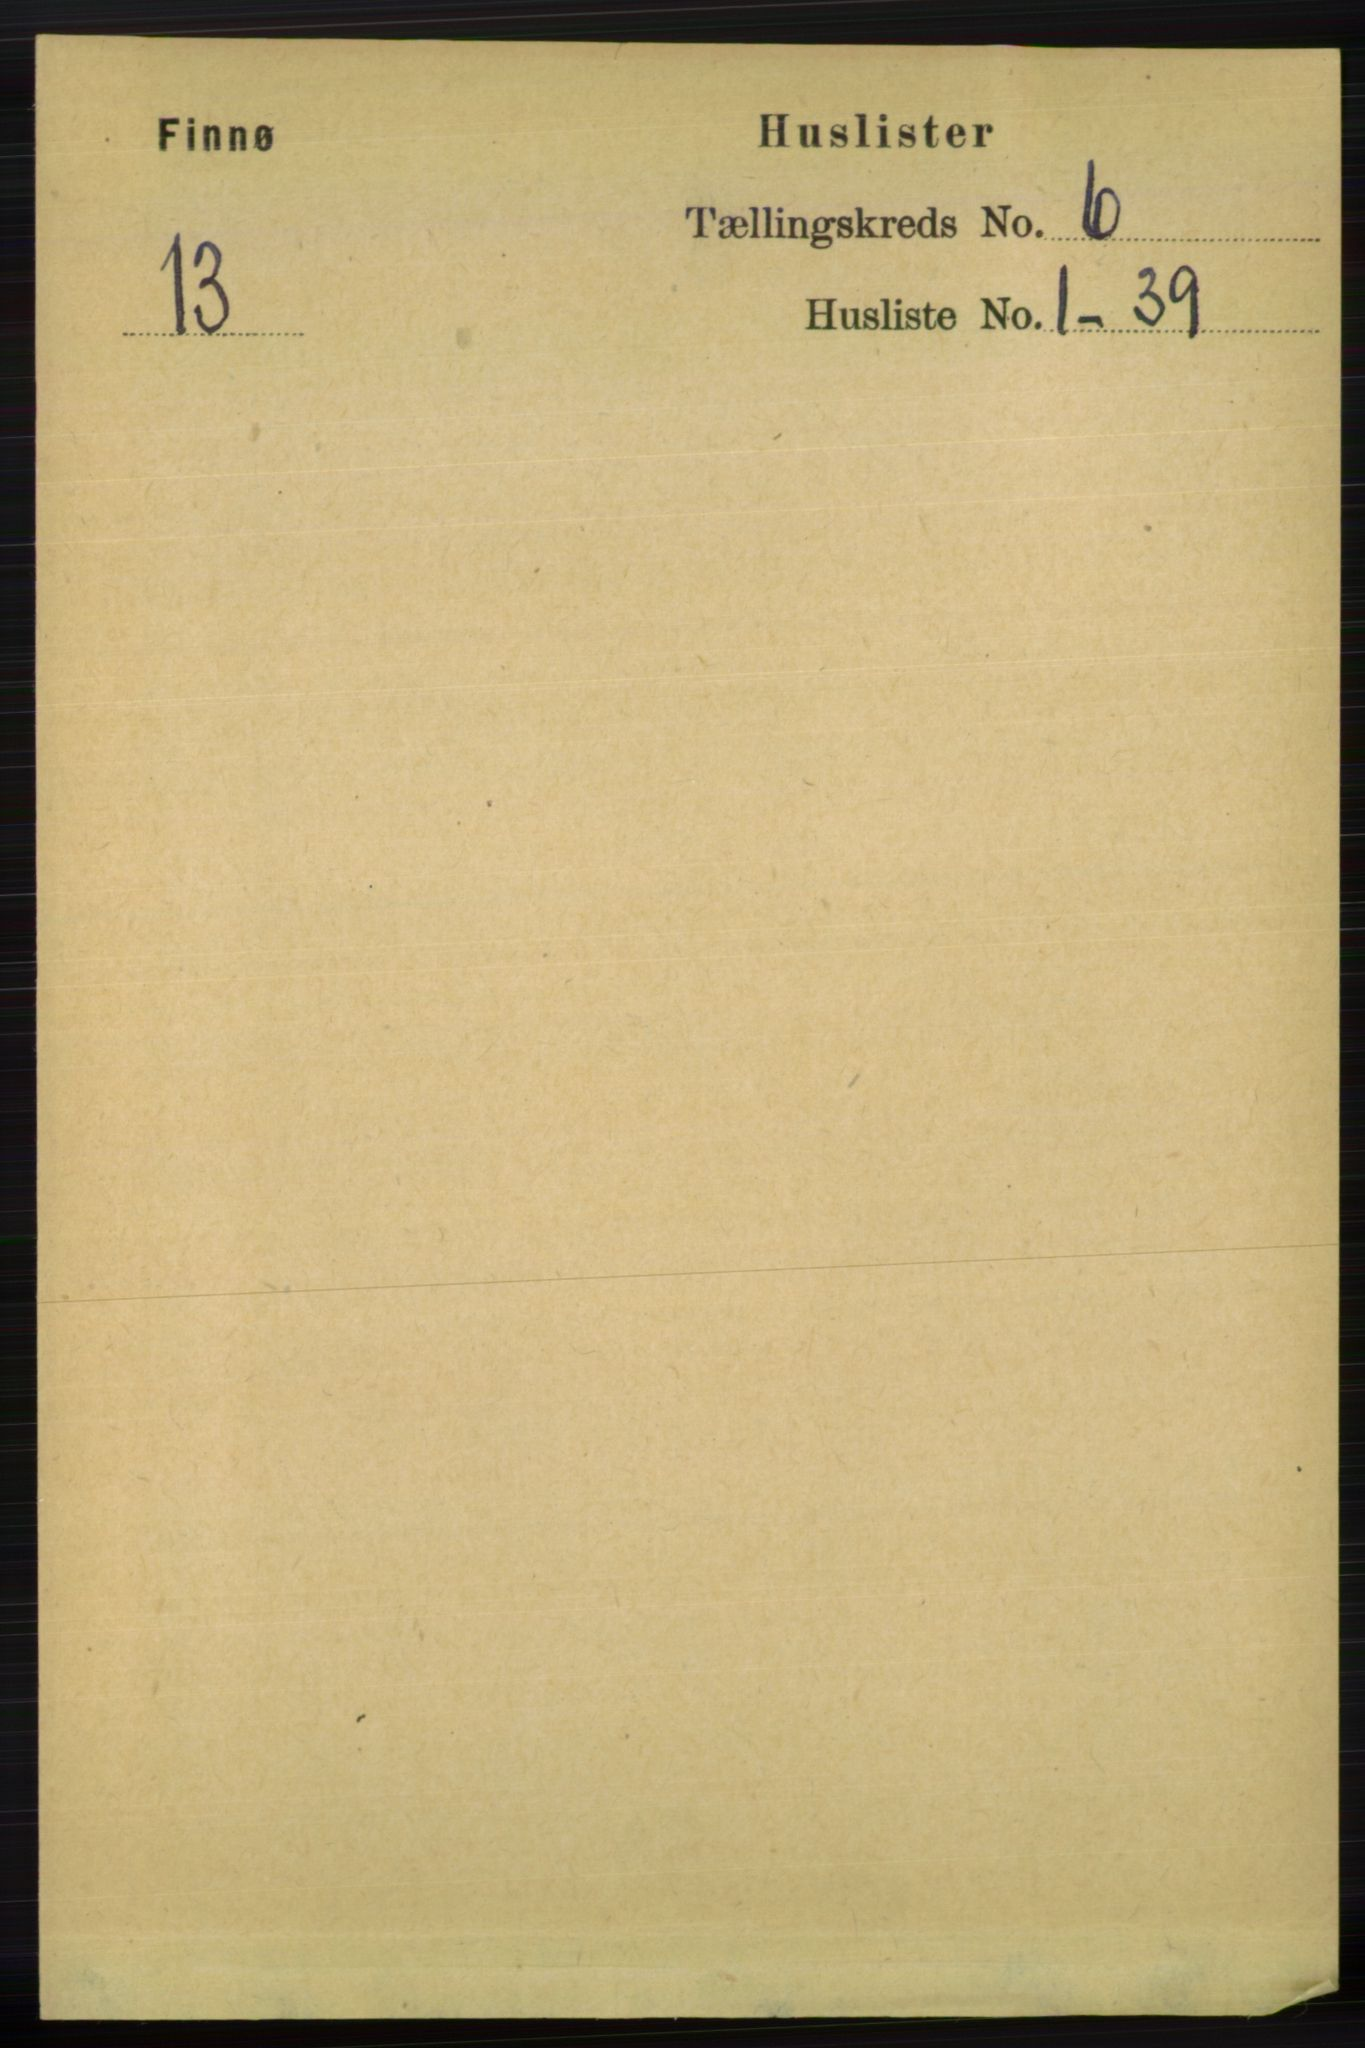 RA, Folketelling 1891 for 1141 Finnøy herred, 1891, s. 1243